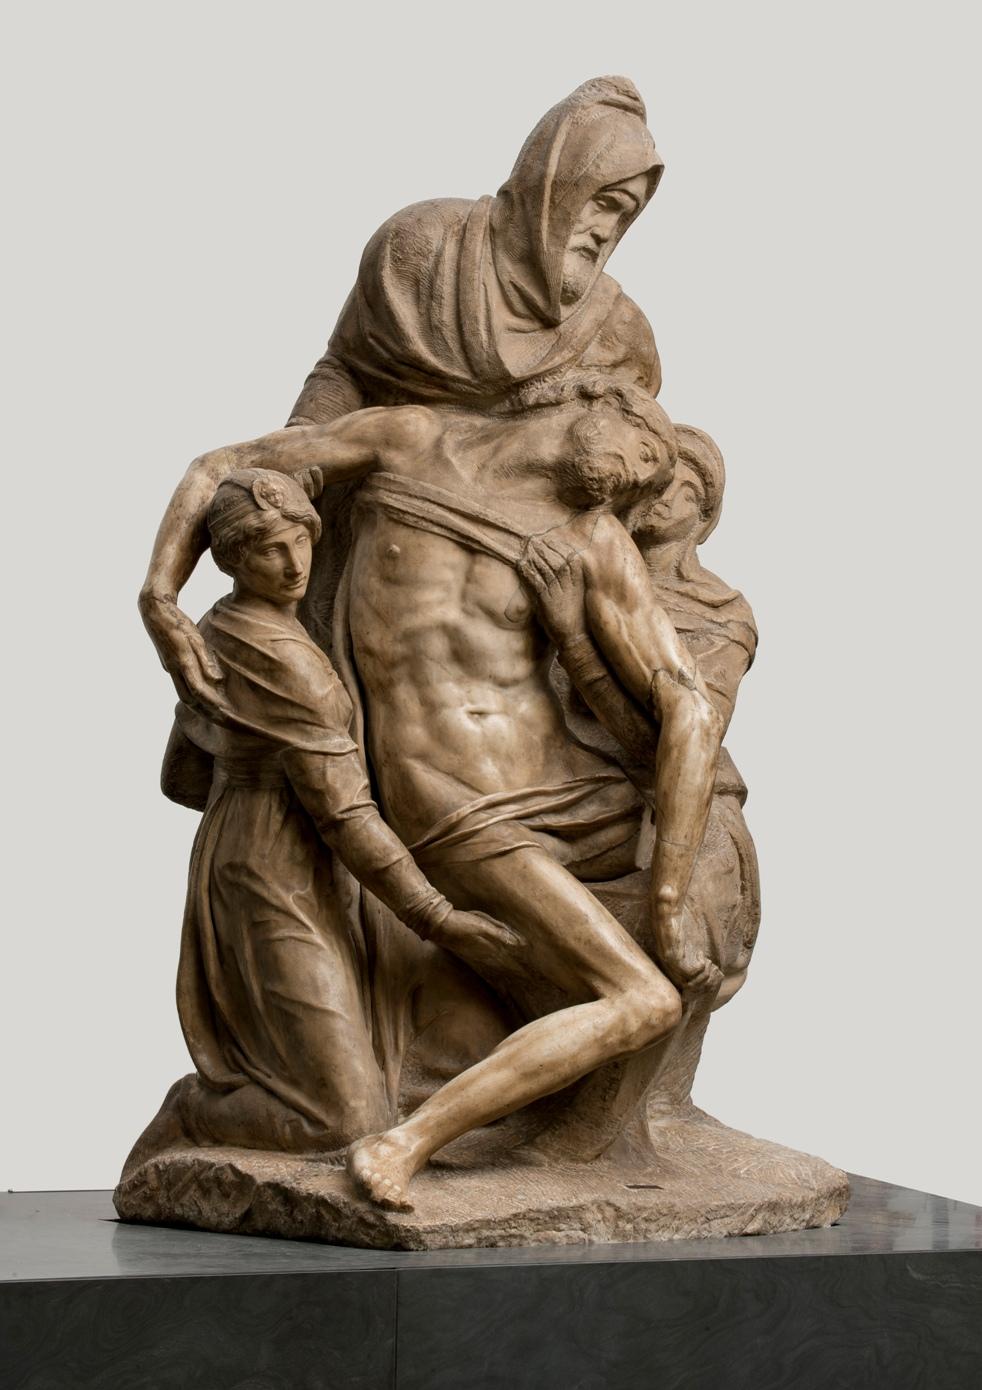 """""""pietà bandini"""", michelangelo buonarroti (vaprese? 1475-roma 1564) 1547-1555 circa  marmo, cm 226 x 138 x 125  firenze, museo dell'opera del Duomo, inv. 2005/289"""